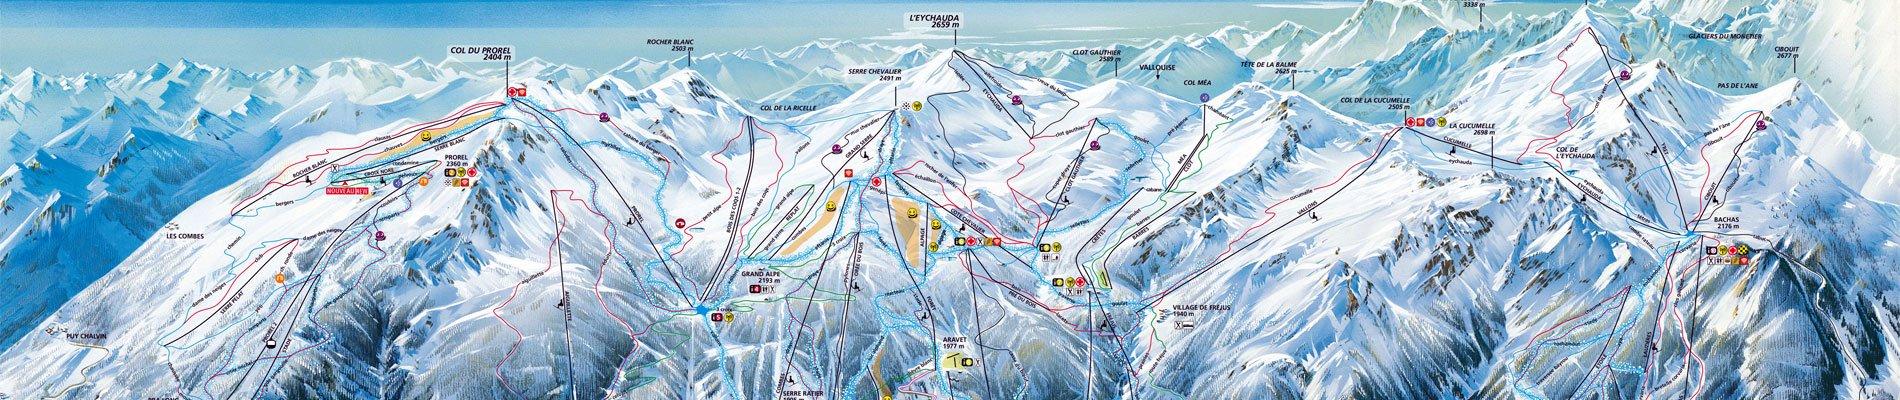 kaart serre chevalier skigebied 1900x400